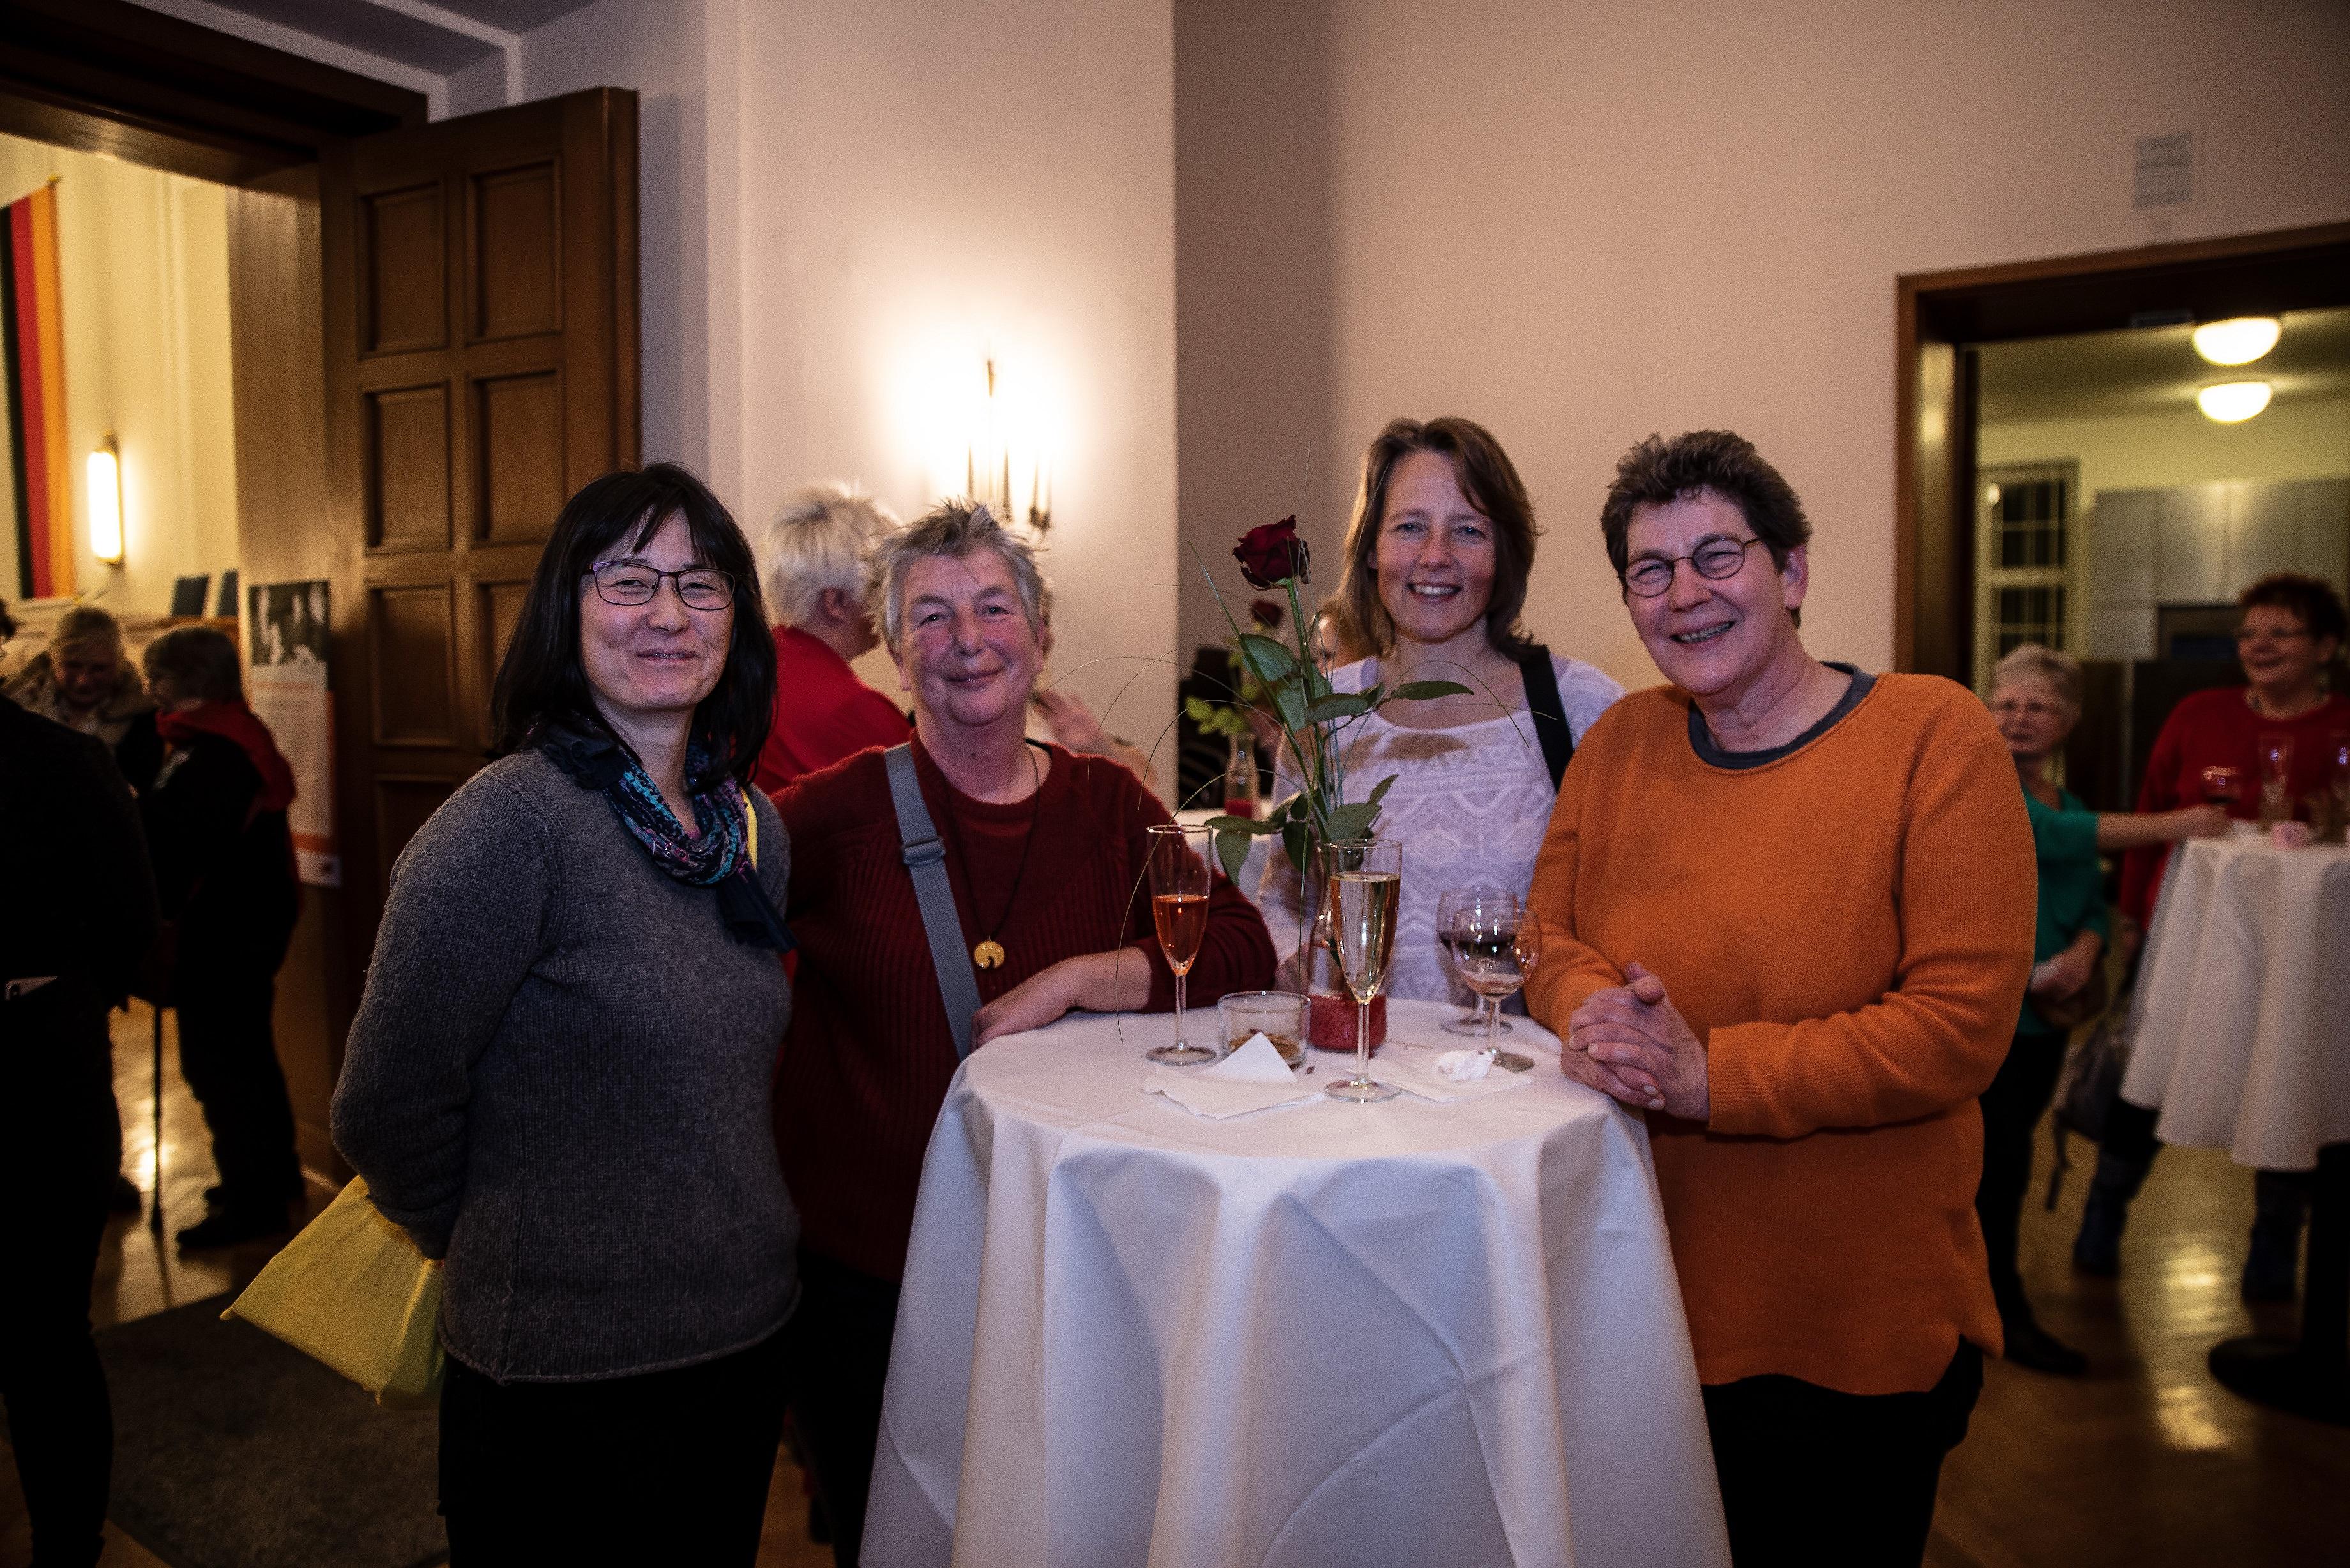 Feier 100 Jahre Frauenwahlrecht mit dem Blick nach vorne 29